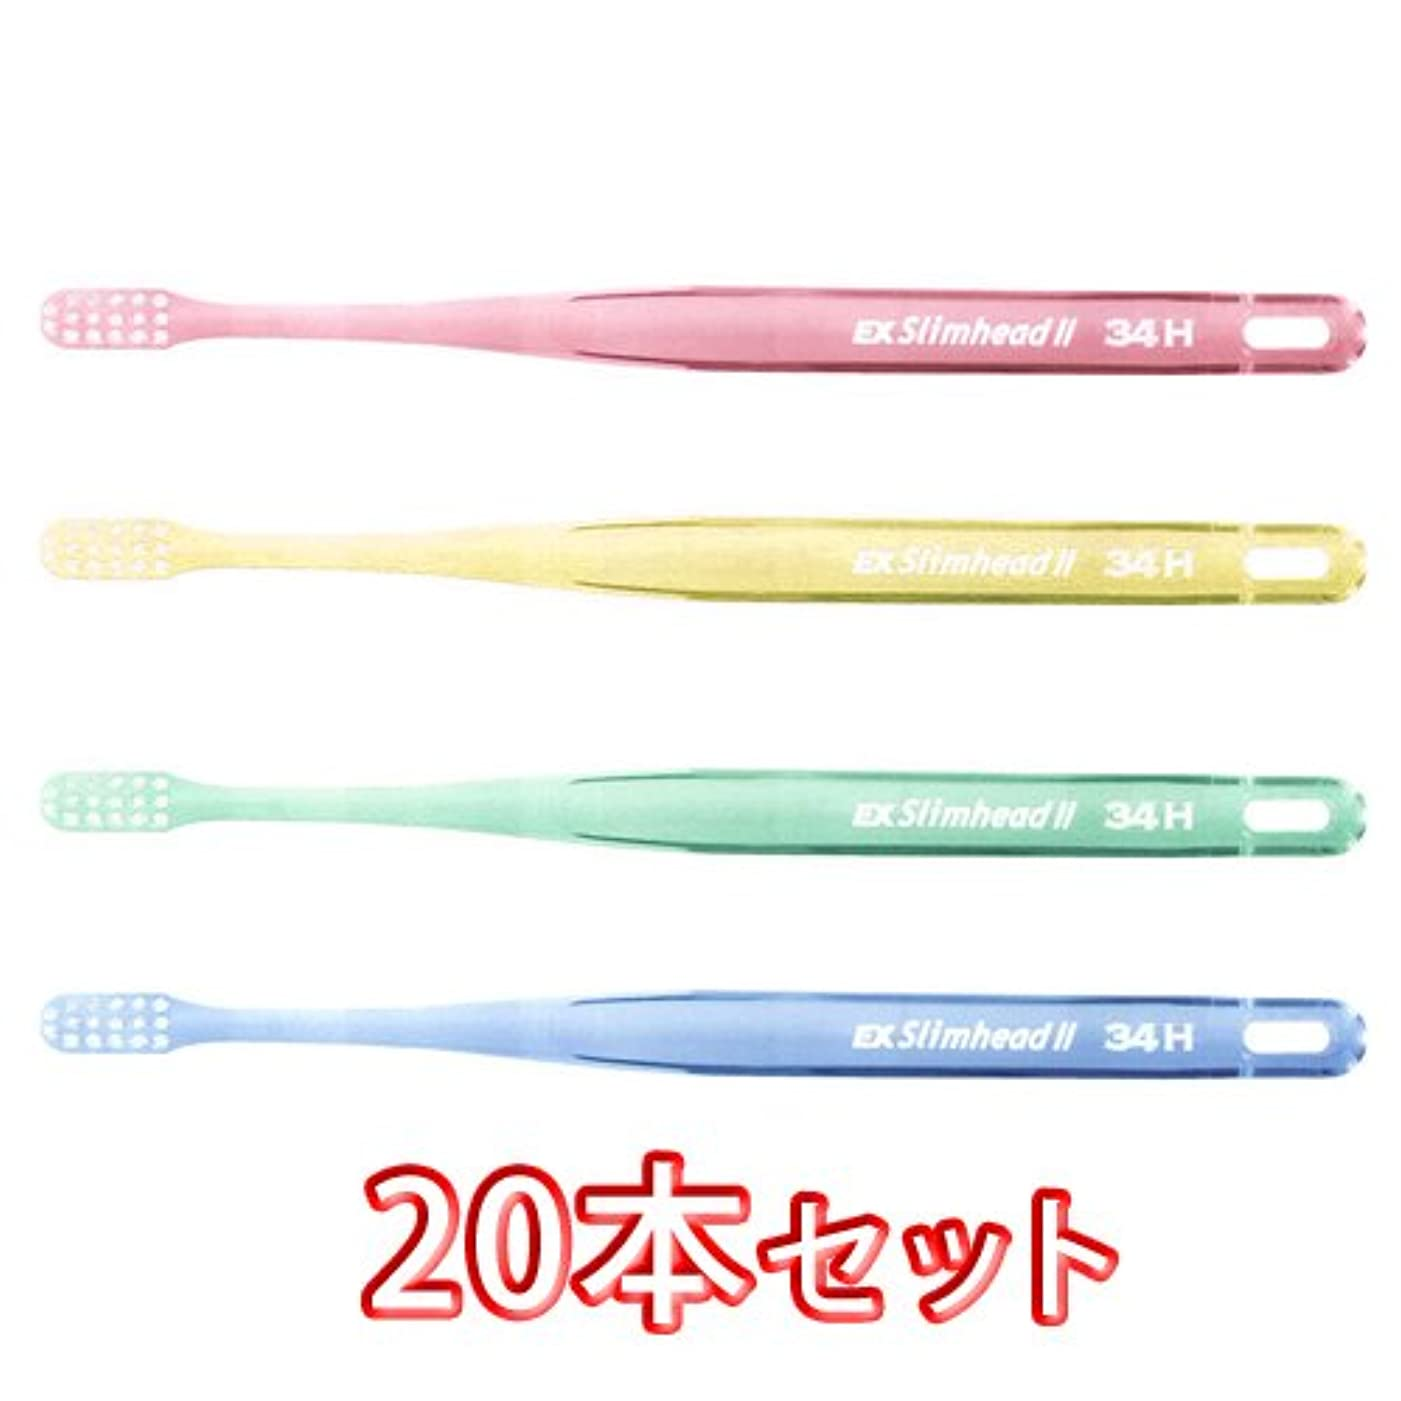 維持する警告する柔らかい足ライオン スリムヘッド2 歯ブラシ DENT . EX Slimhead2 20本入 (34H)